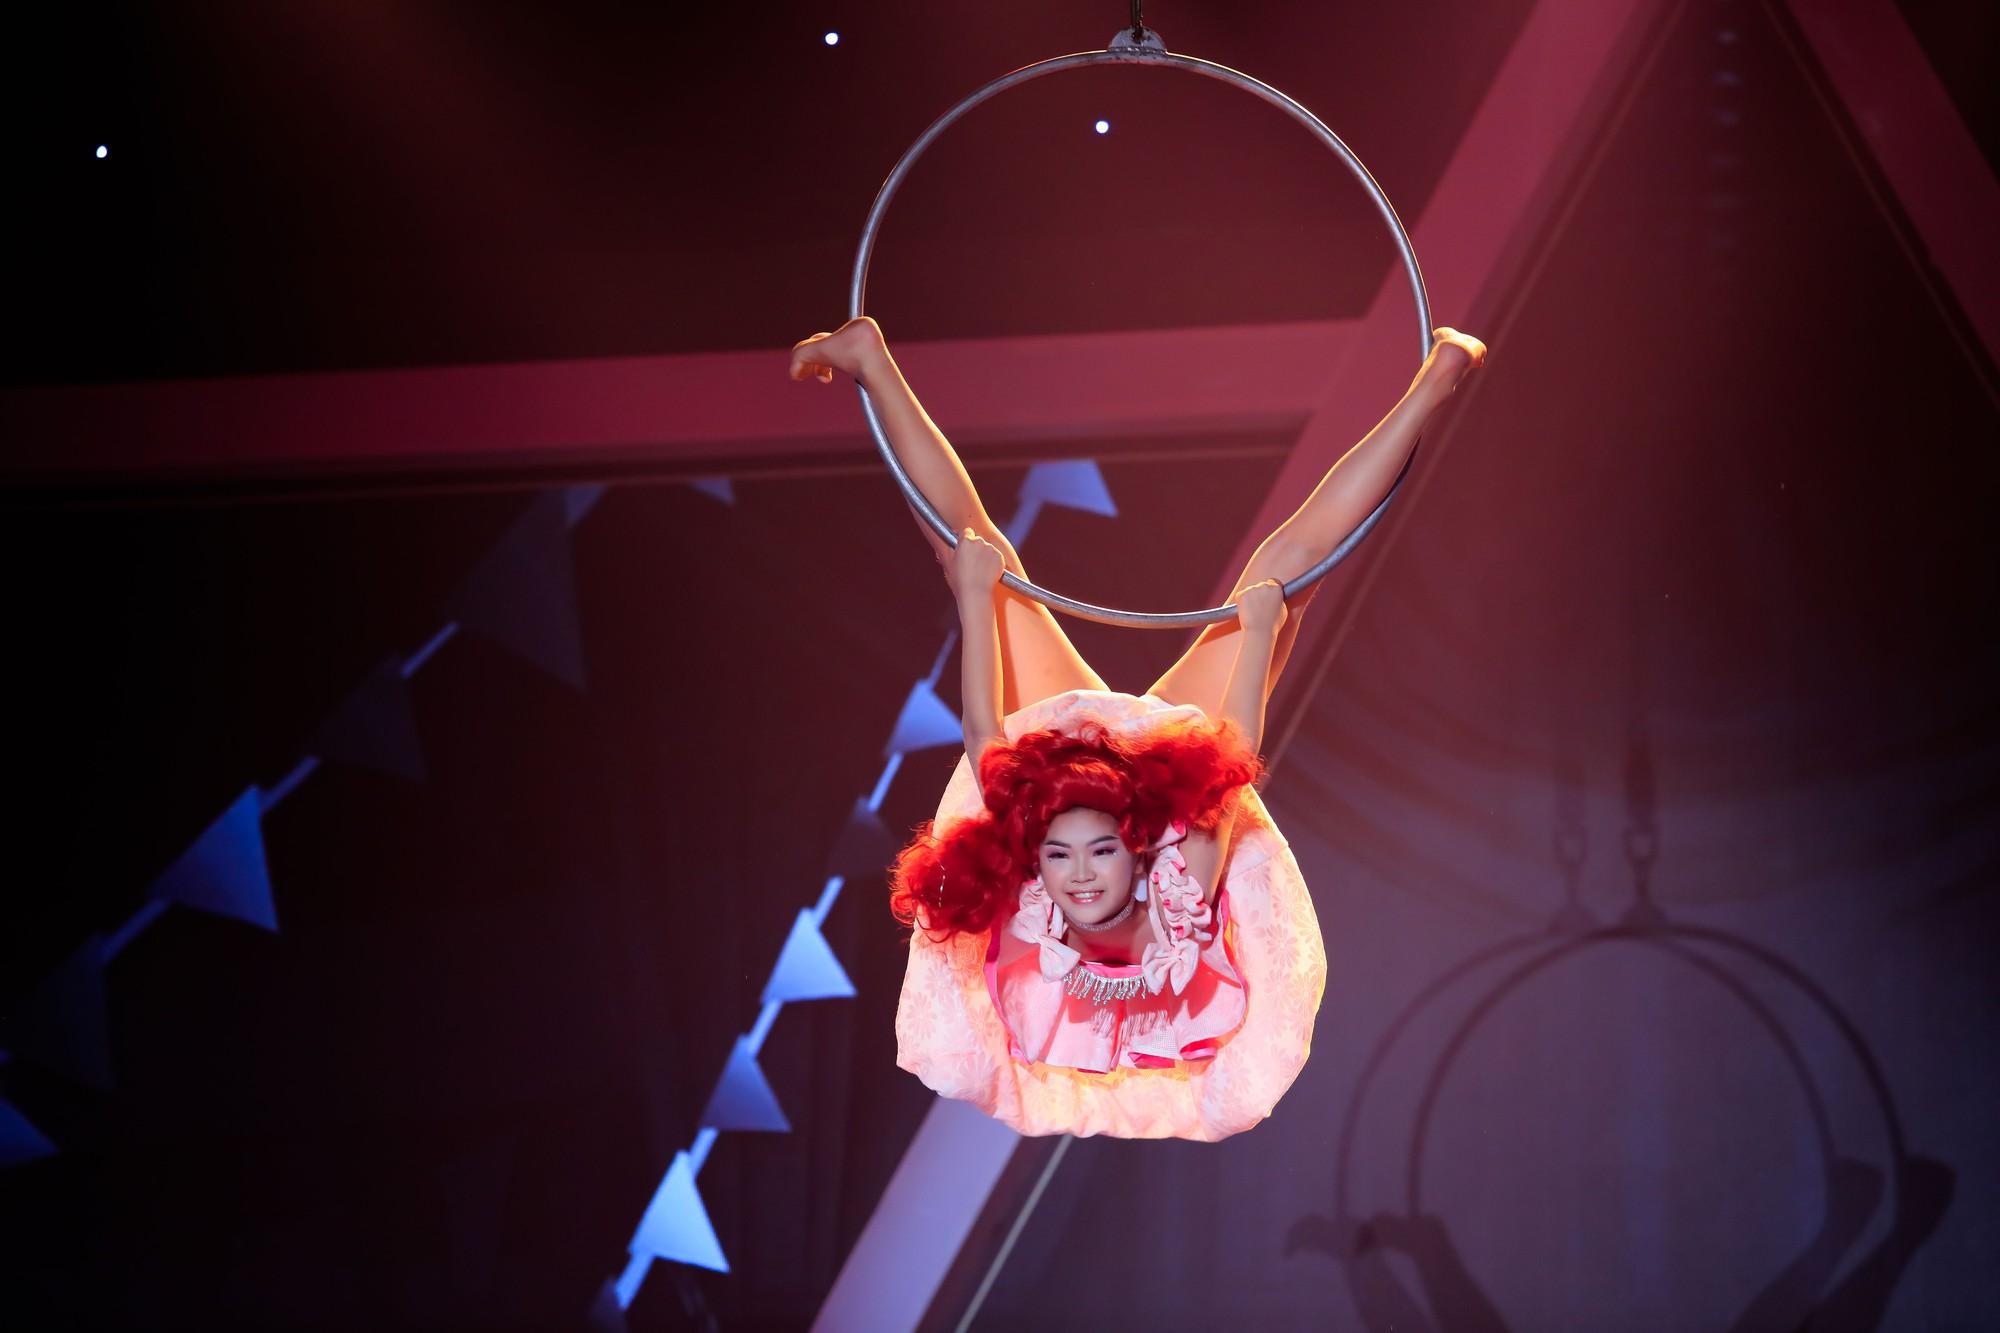 Phạm Lịch ngậm ngùi nhớ lại cảnh từng bị ném gạch khi đang biểu diễn - Ảnh 2.